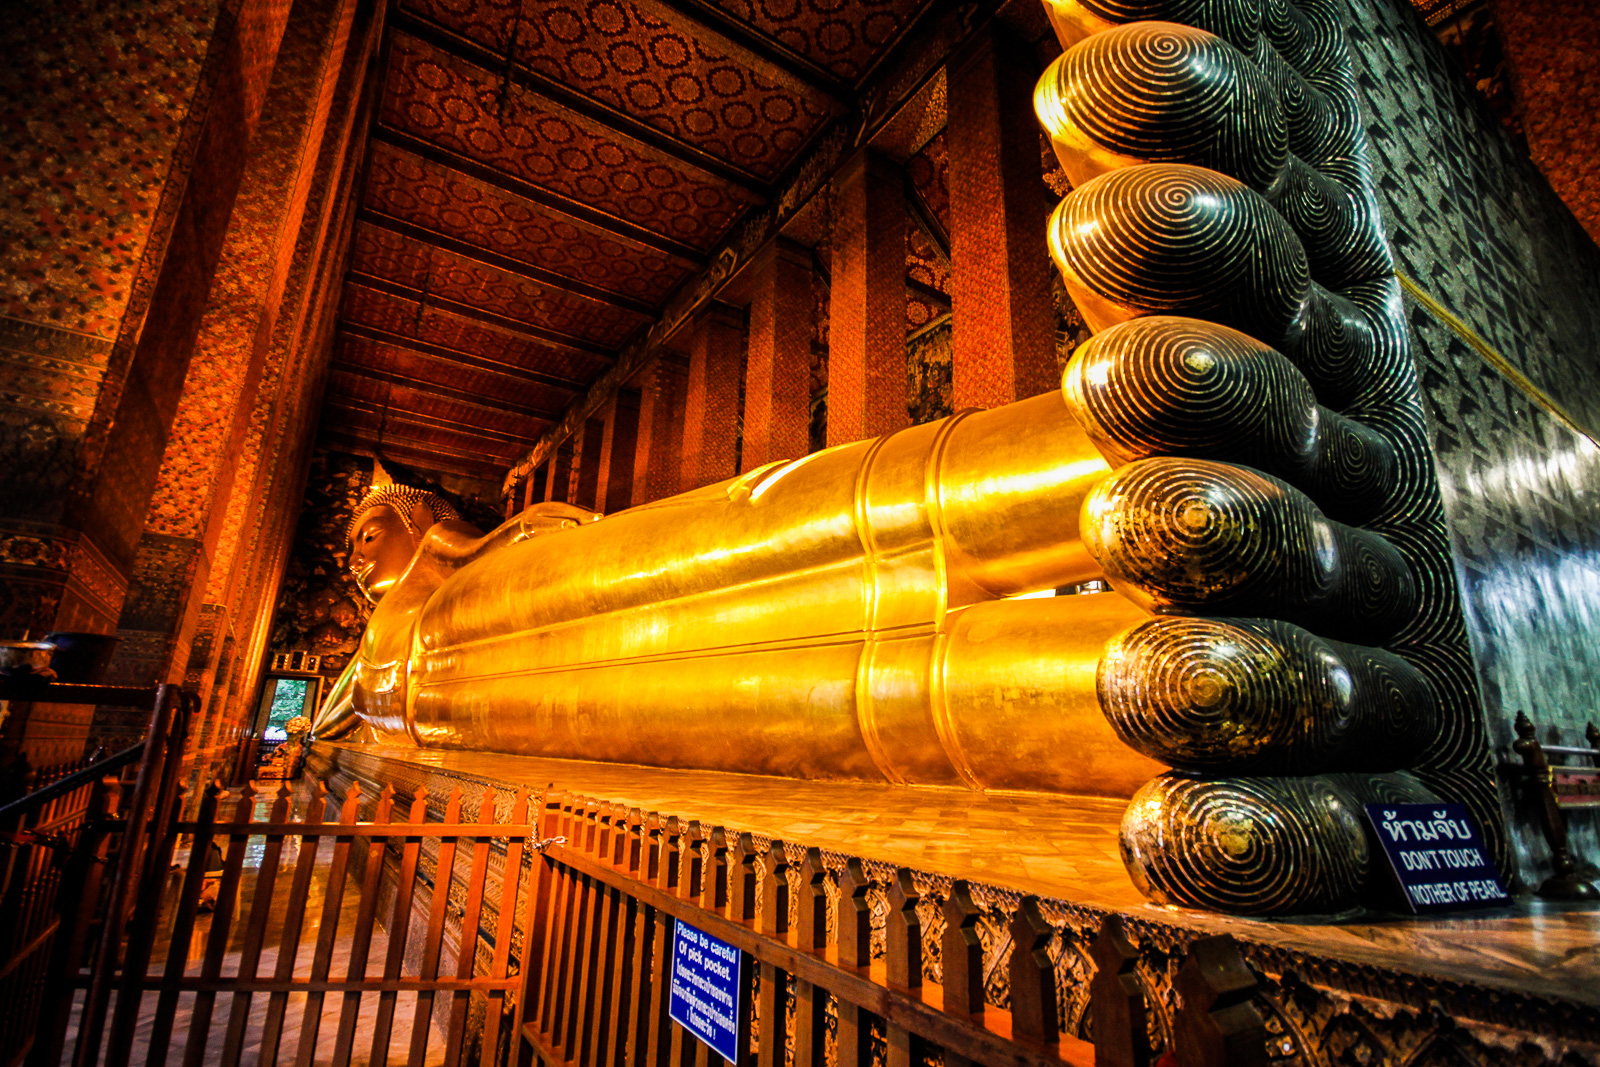 معبد بودای خفته در تور تایلند